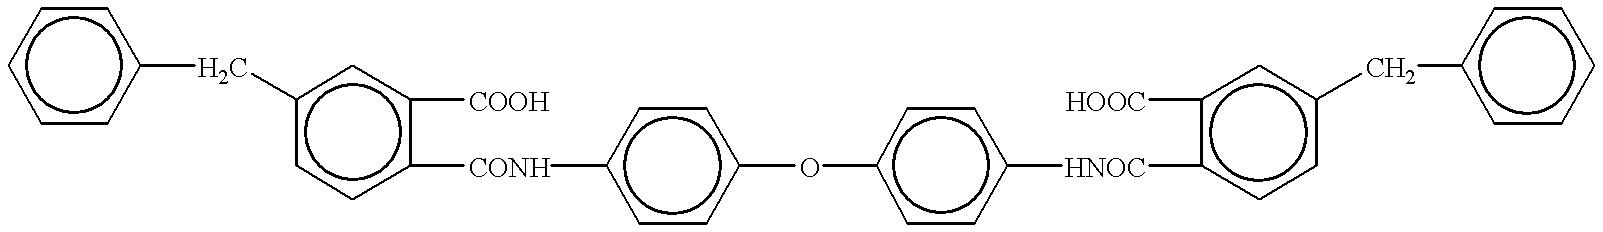 Figure US06180560-20010130-C00513